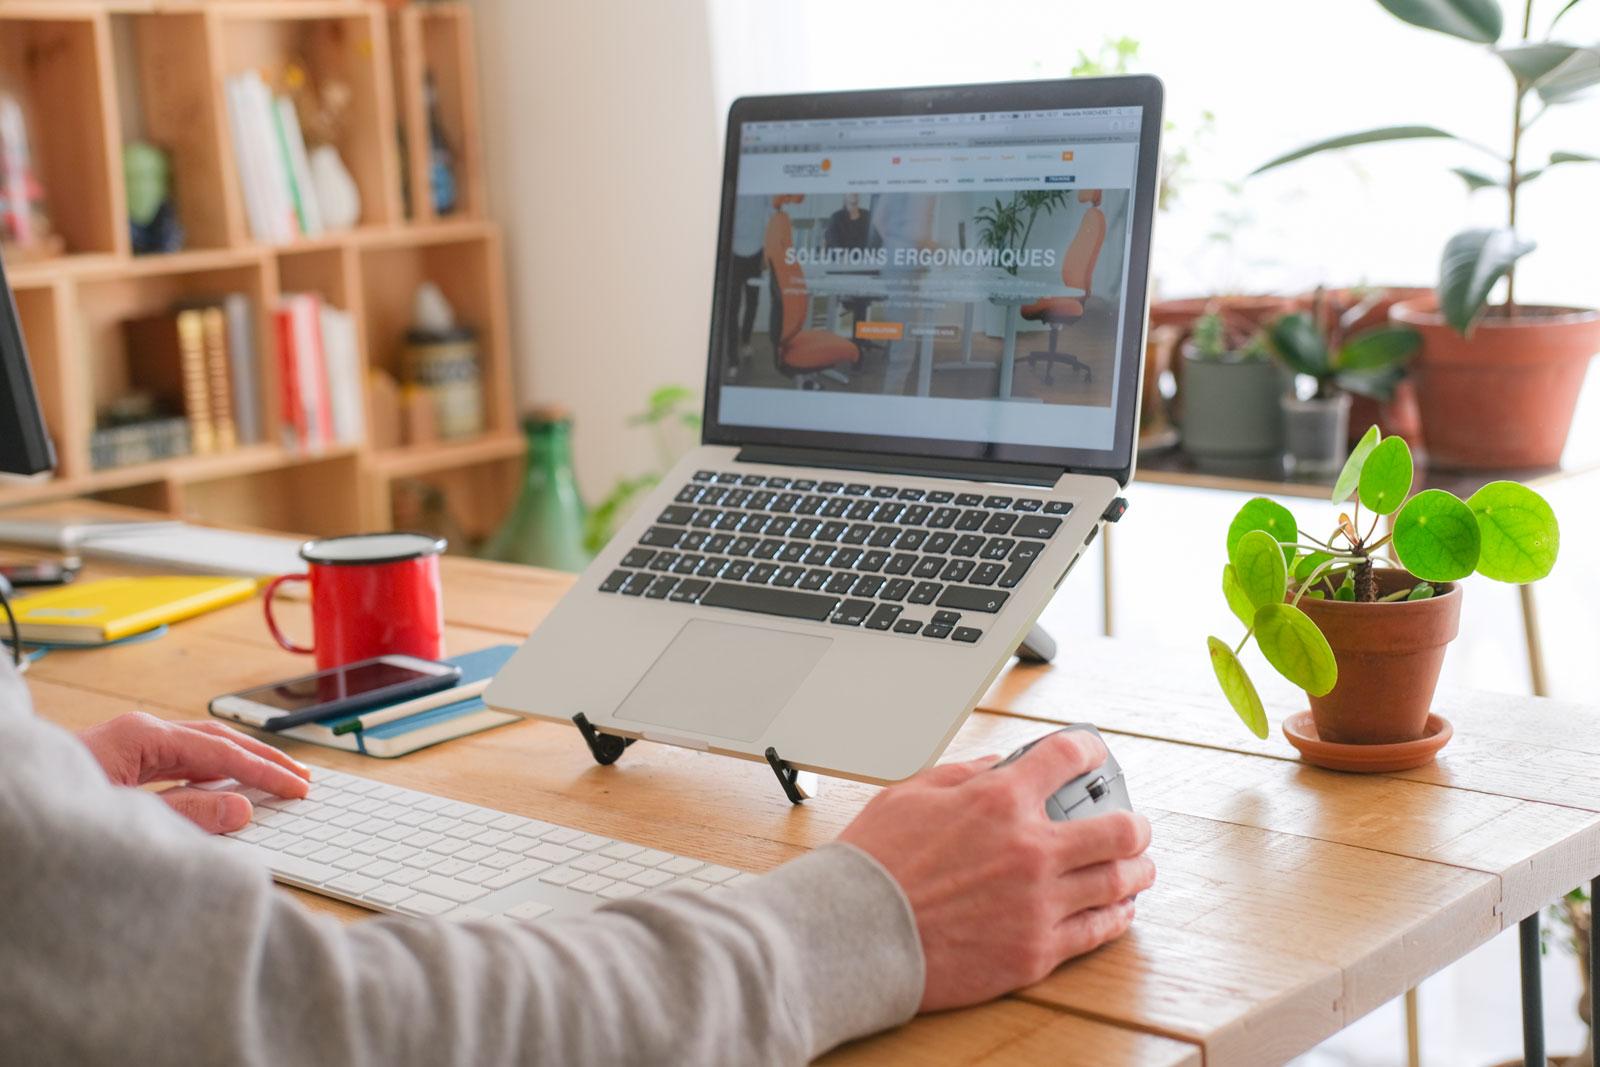 Optimiser l'ergonomie des postes de travail pour améliorer la QVT de vos collaborateurs en situation de télétravail